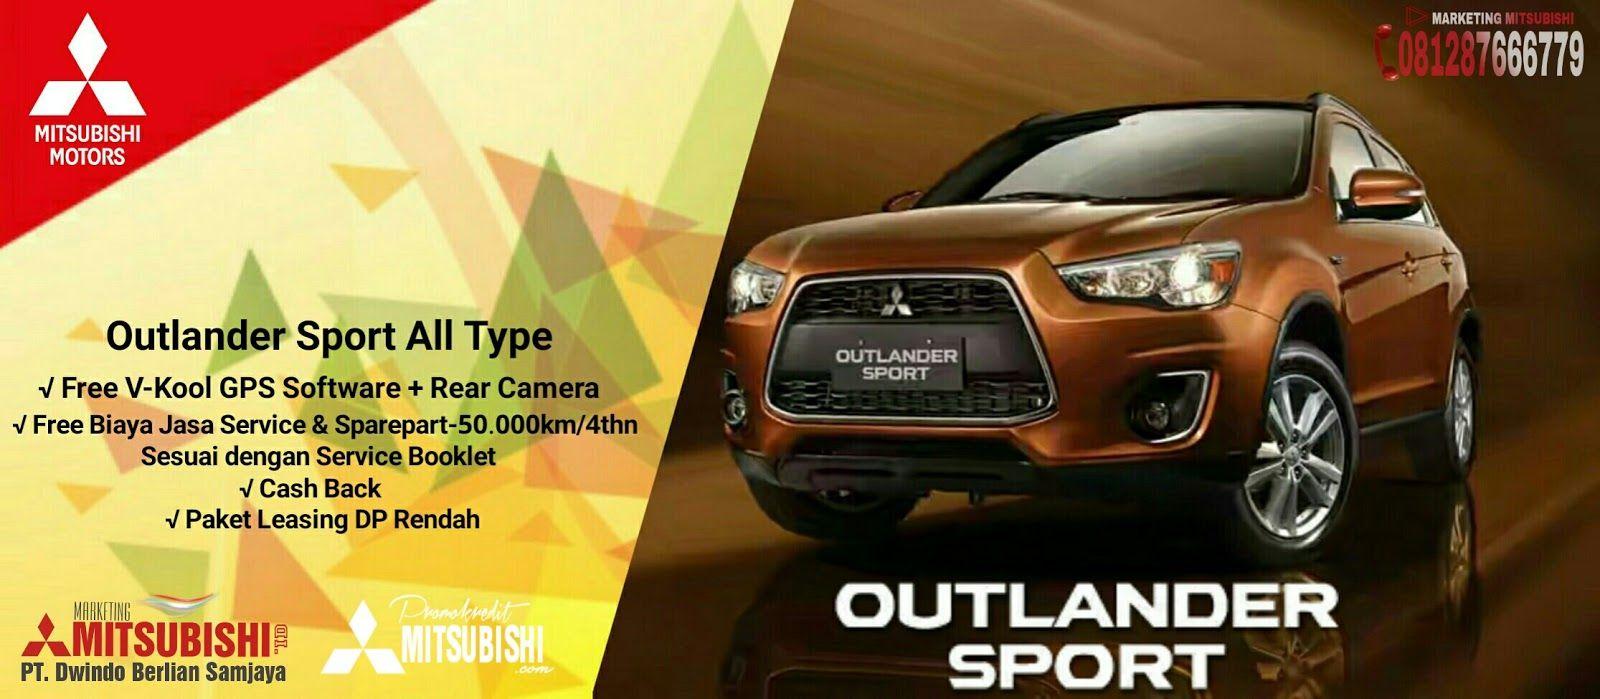 Kontak Marketing Mitsubishi Bintaro 081519966649 Informasi